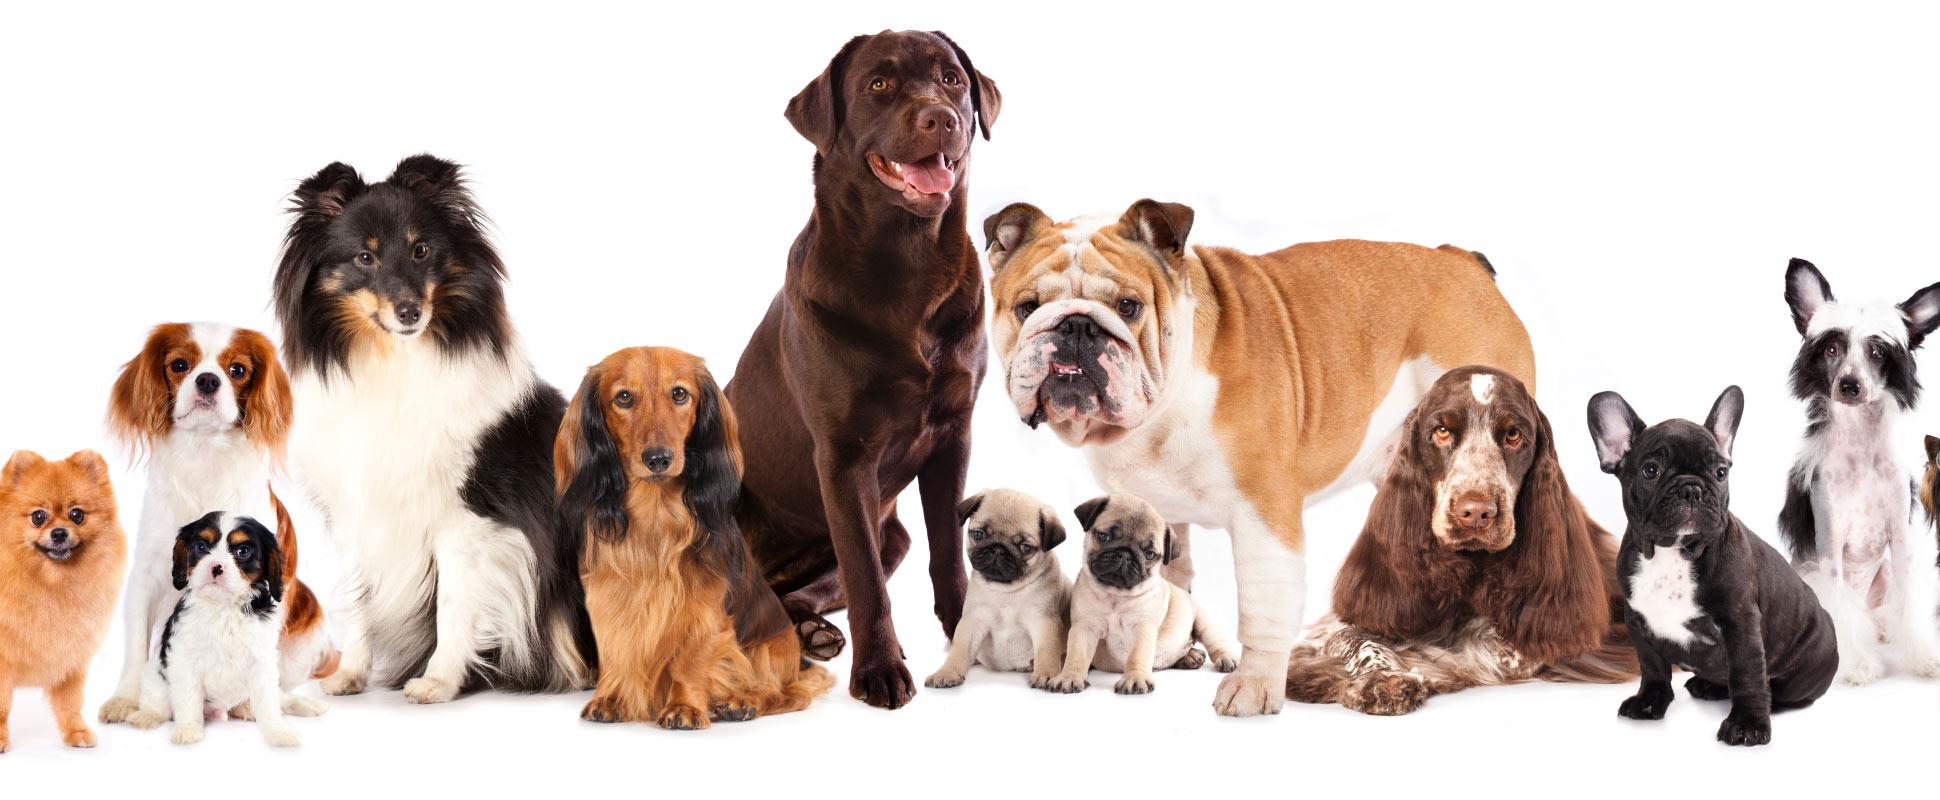 Furry Land Grooming - Las Vegas Dog Grooming